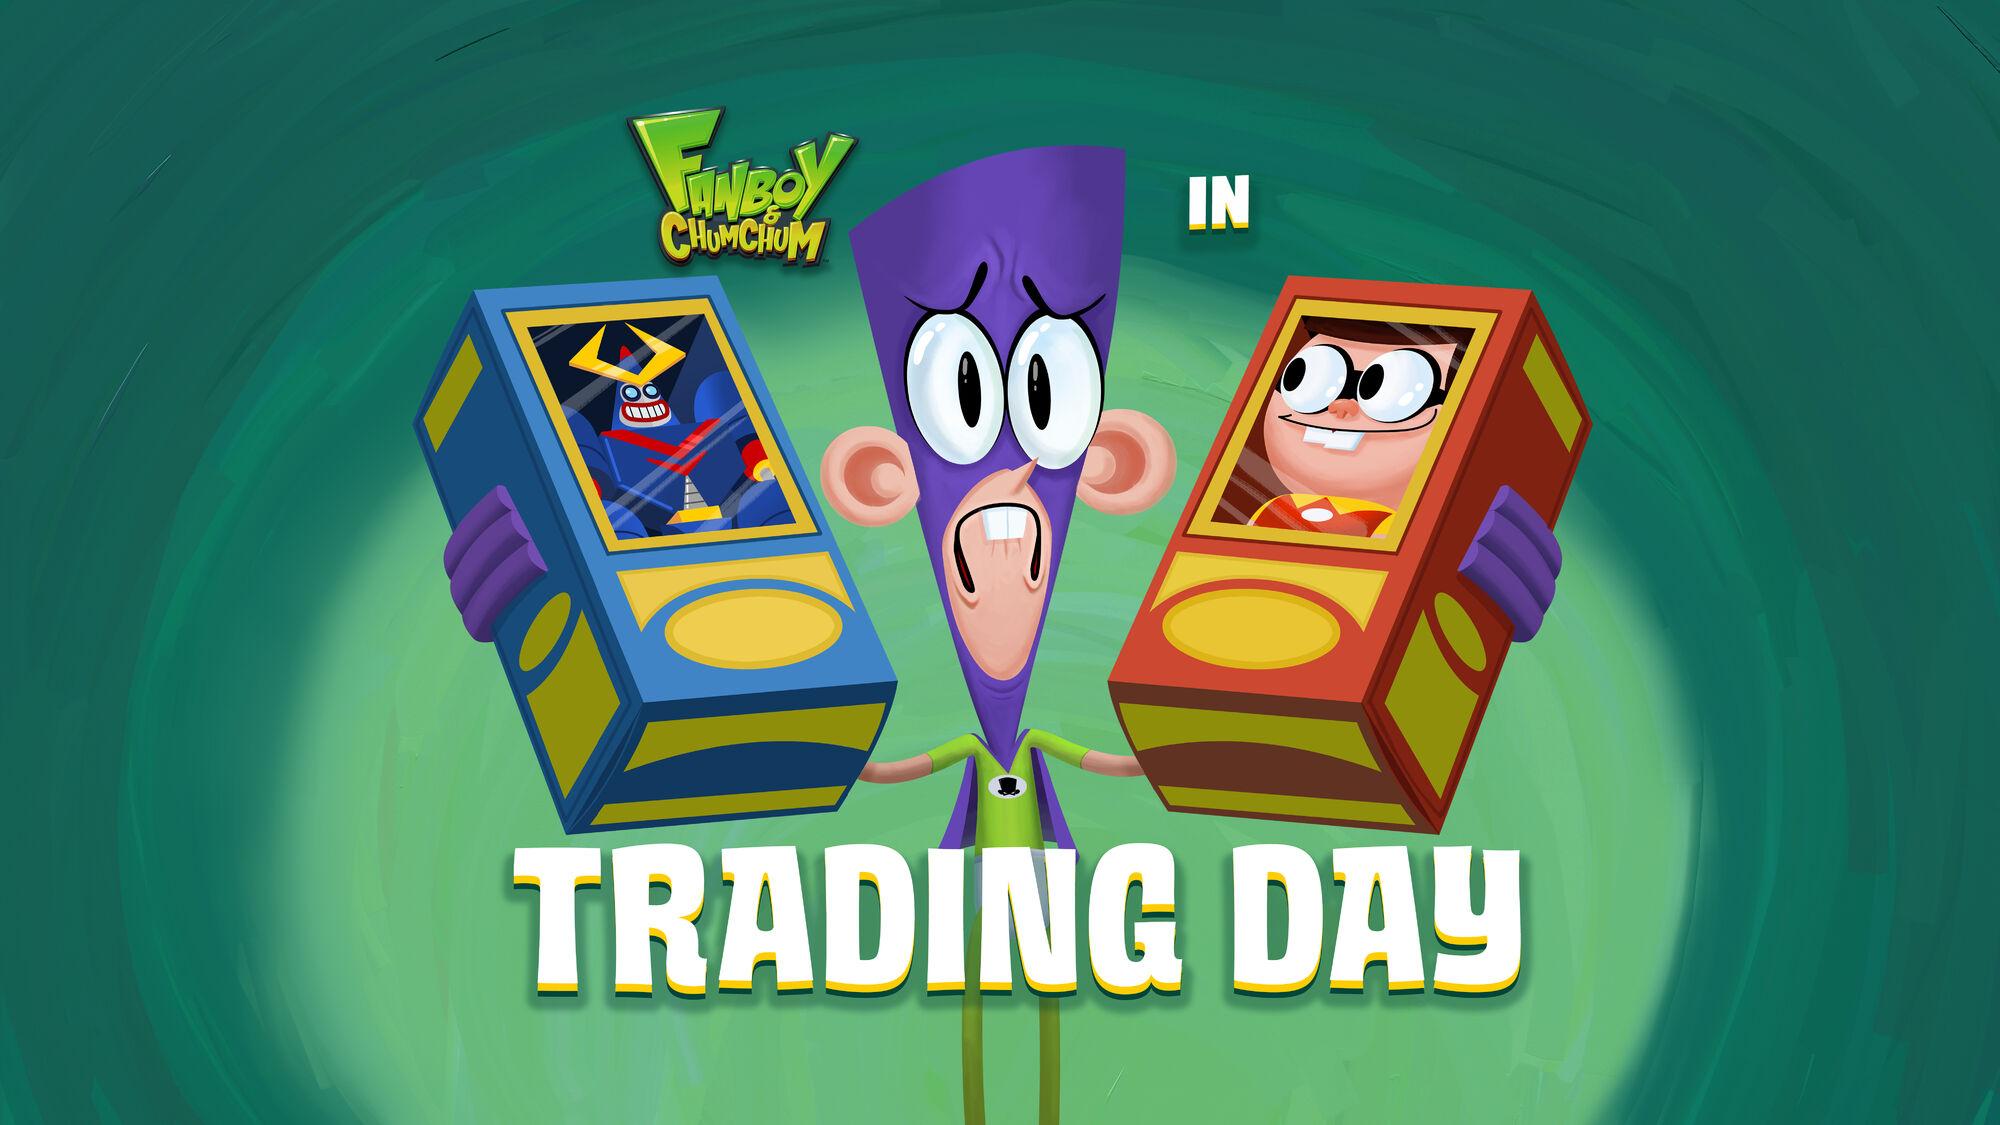 Trading Day | Fanboy & Chum Chum Wiki | FANDOM powered by ...